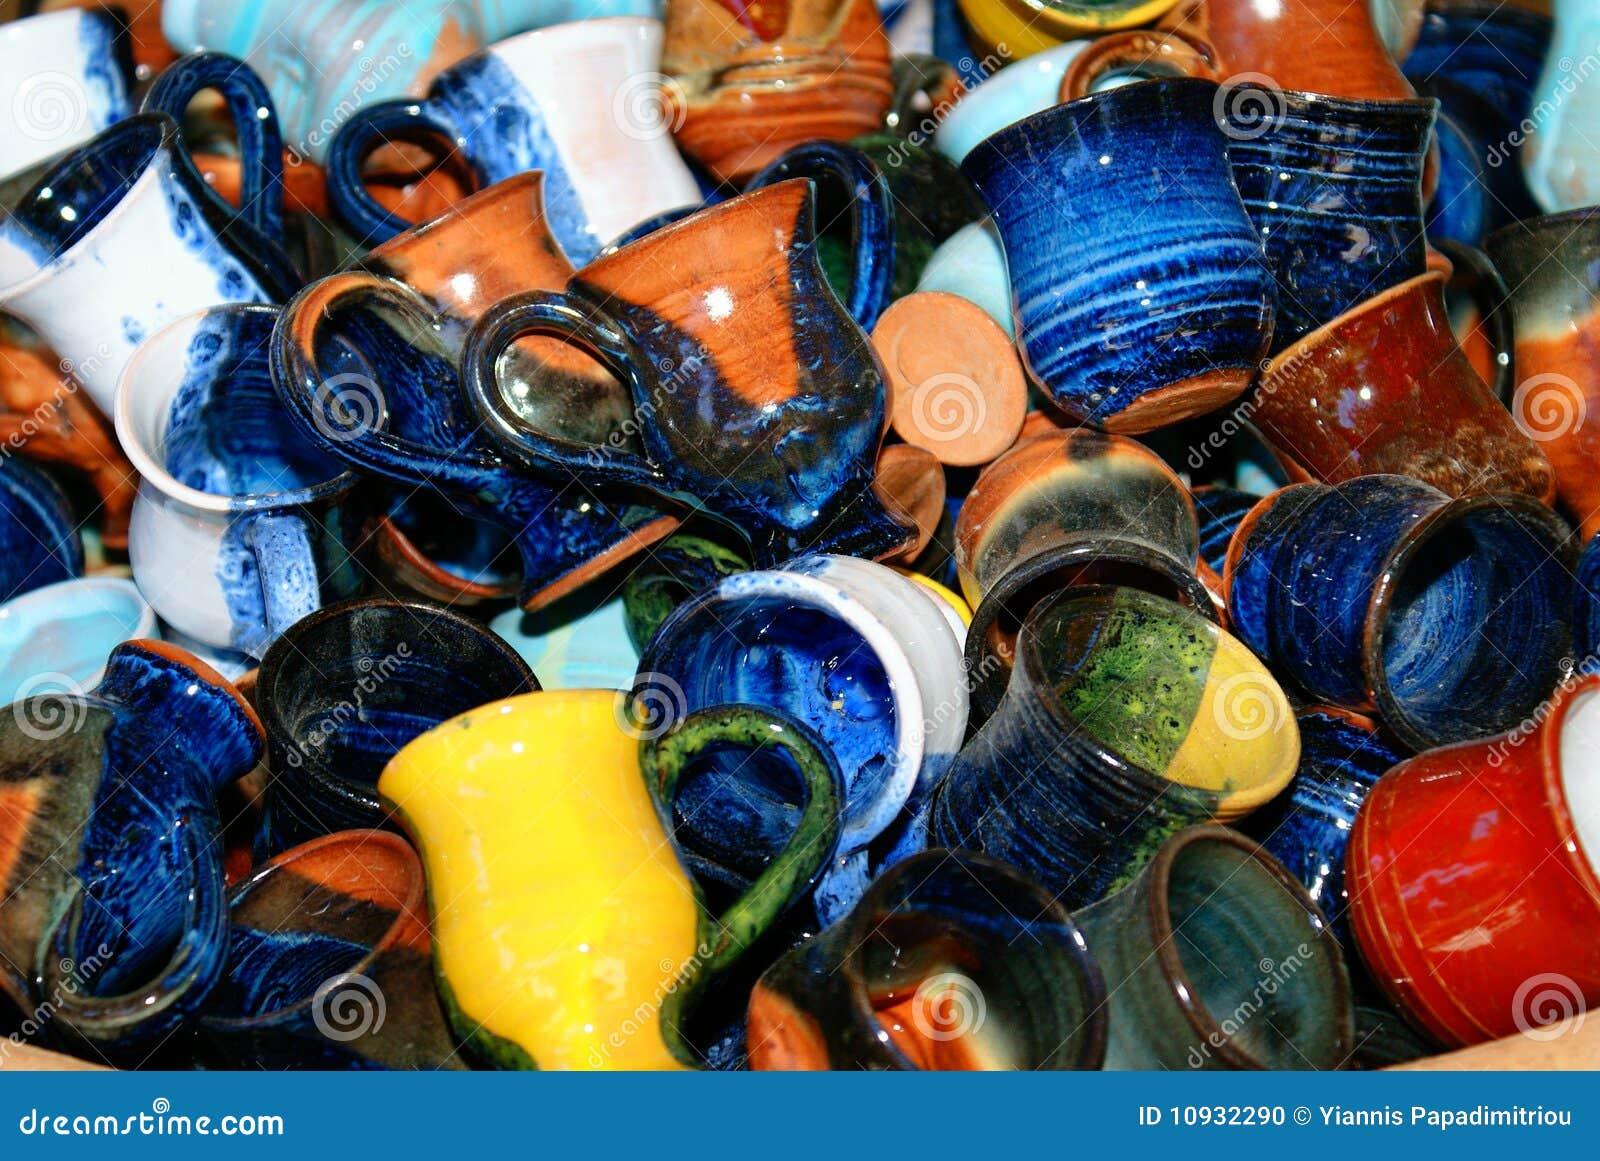 баки керамики массовые